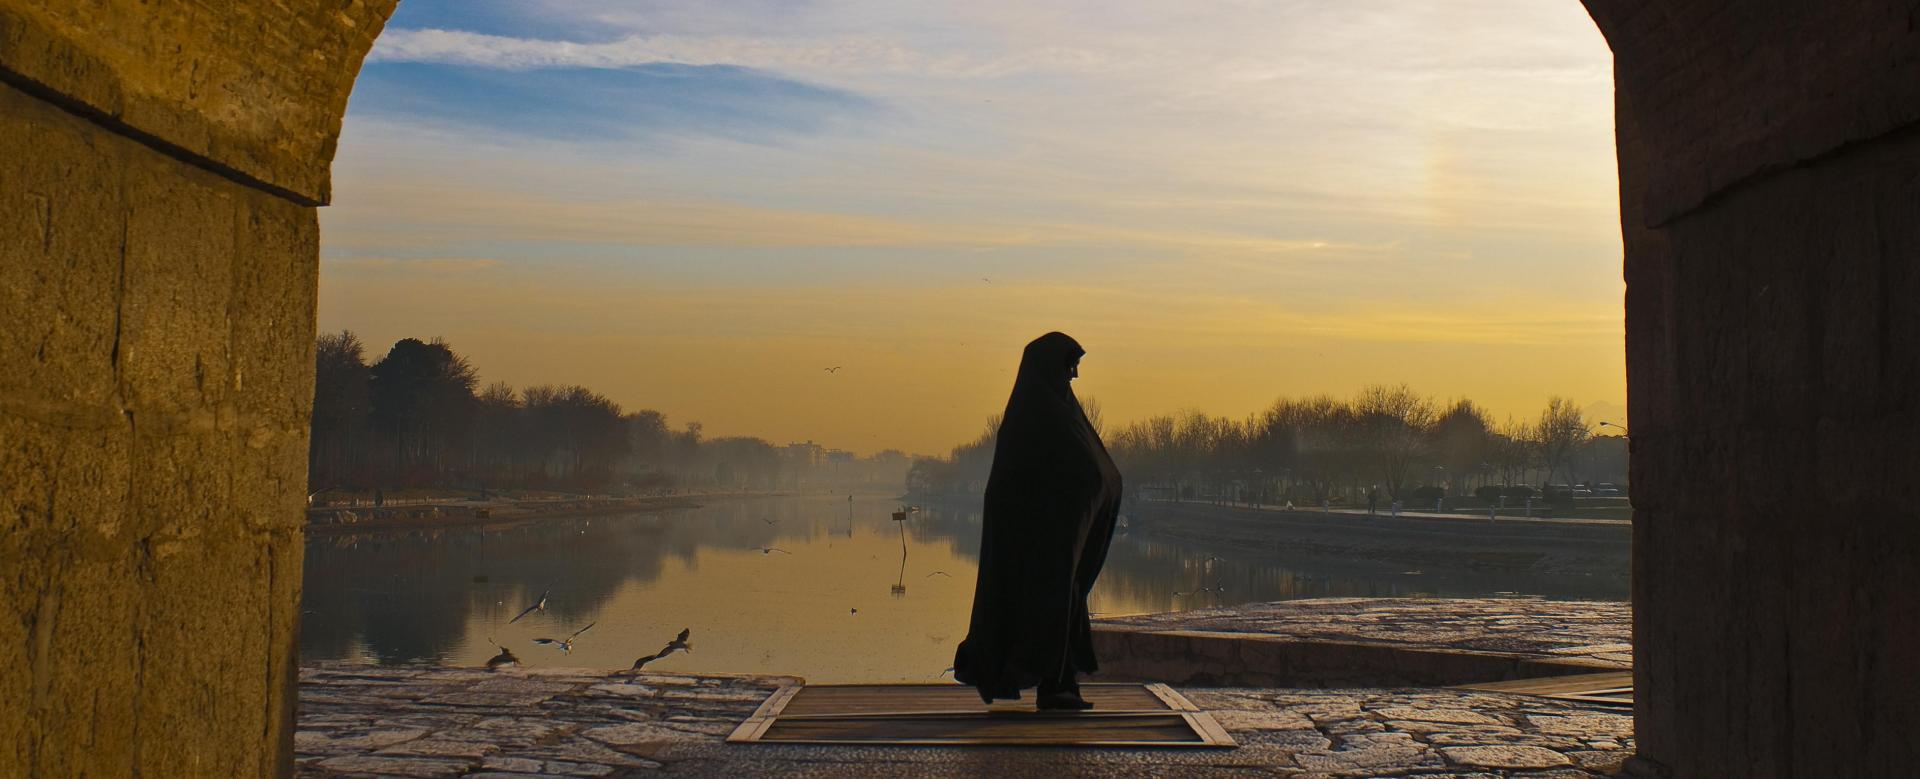 Voyage à pied : La perse millénaire